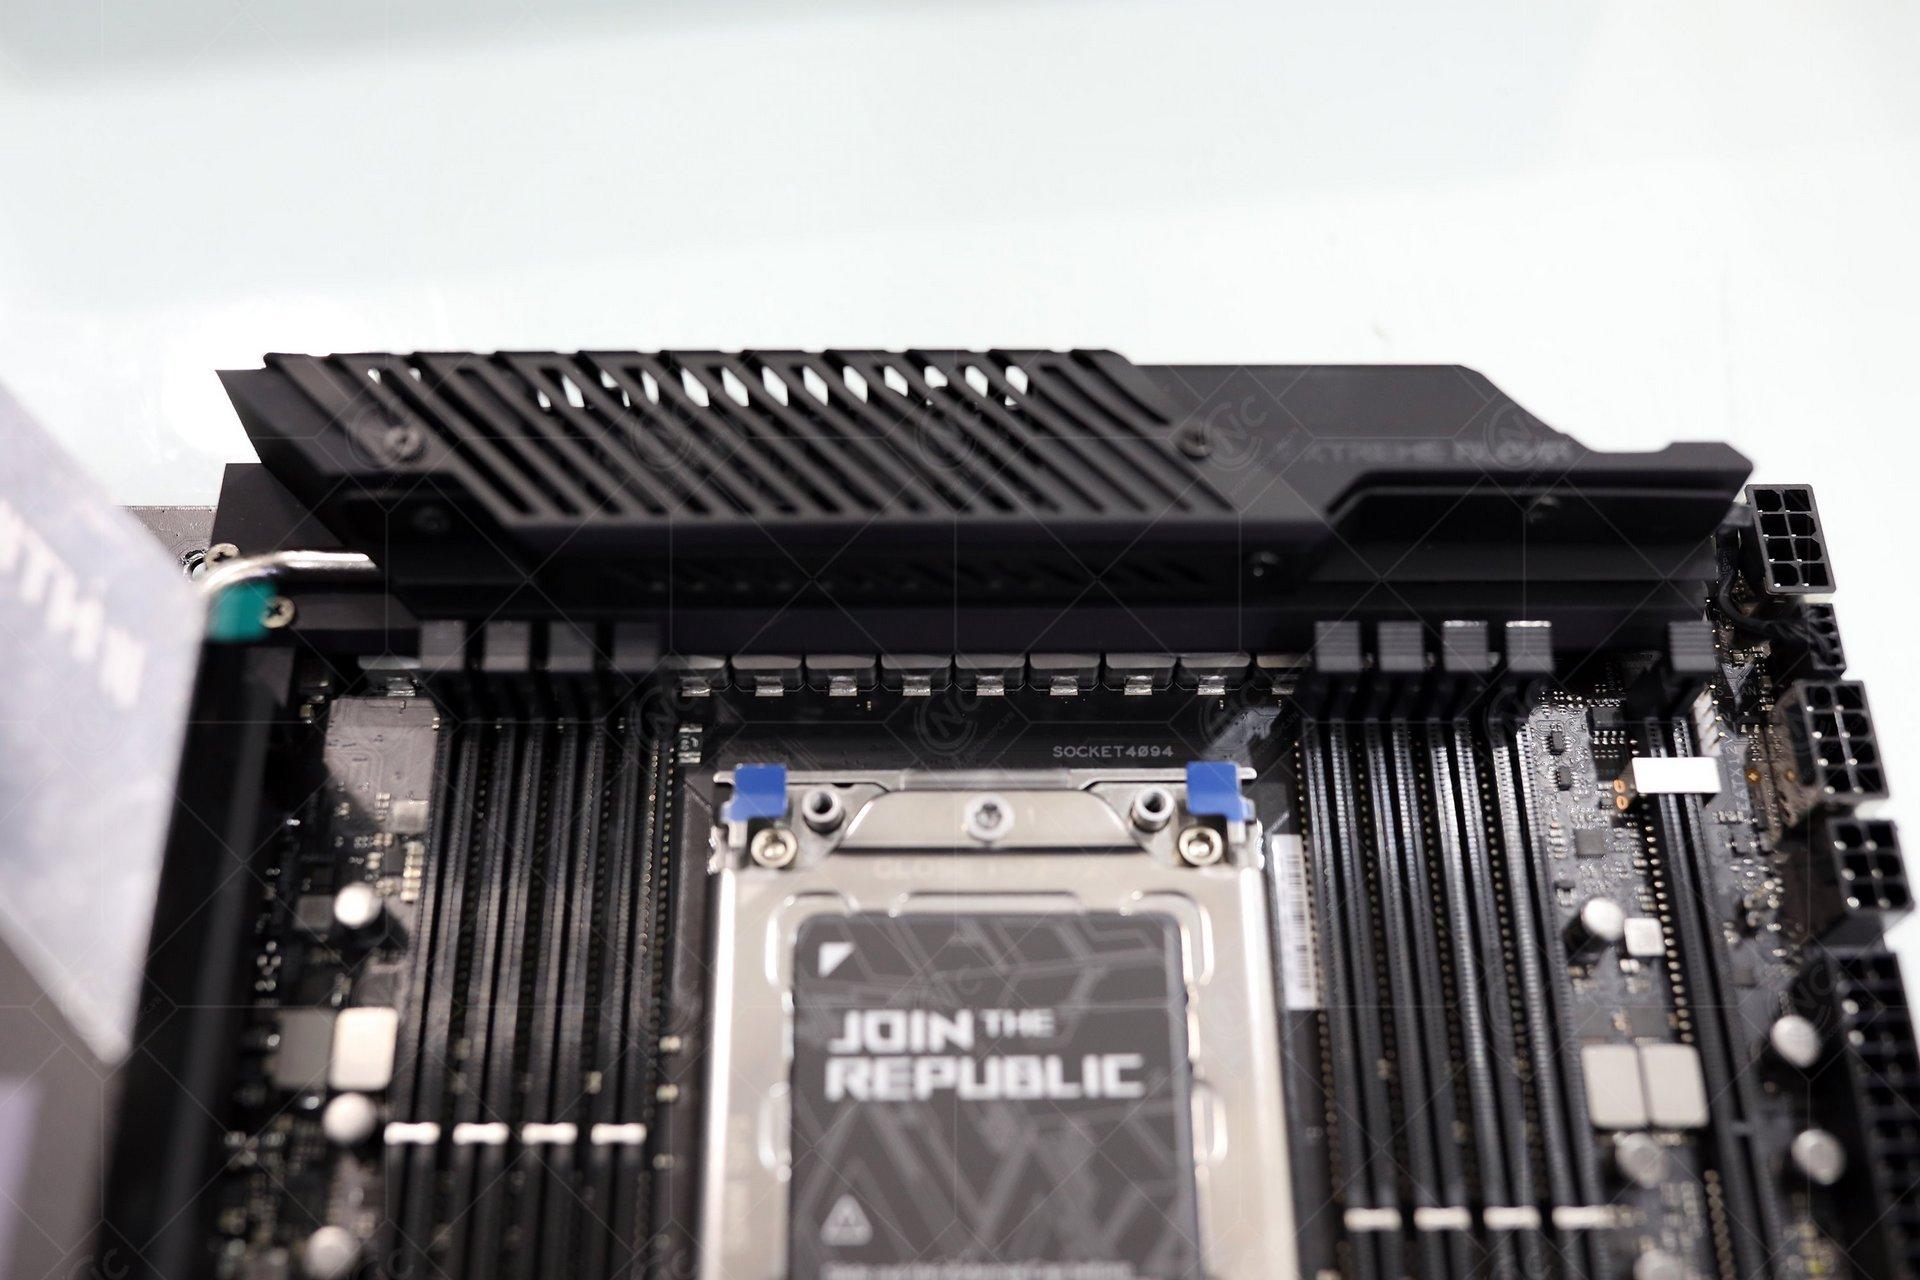 ROG Zenith II Extreme Alpha VRM